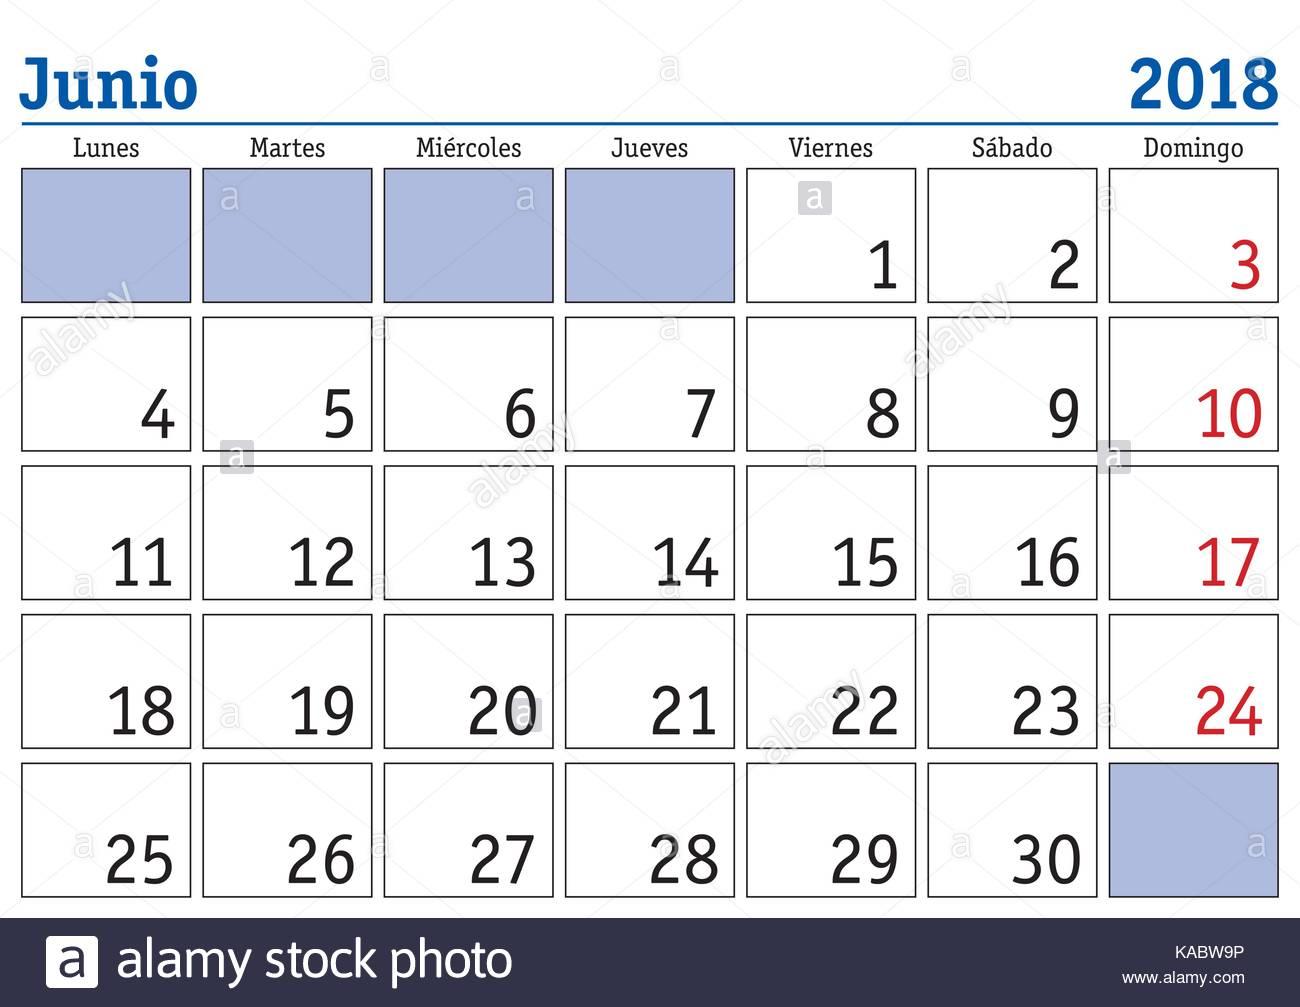 Calendario Di Giugno.Il Mese Di Giugno In Un Anno 2018 Calendario Da Parete In